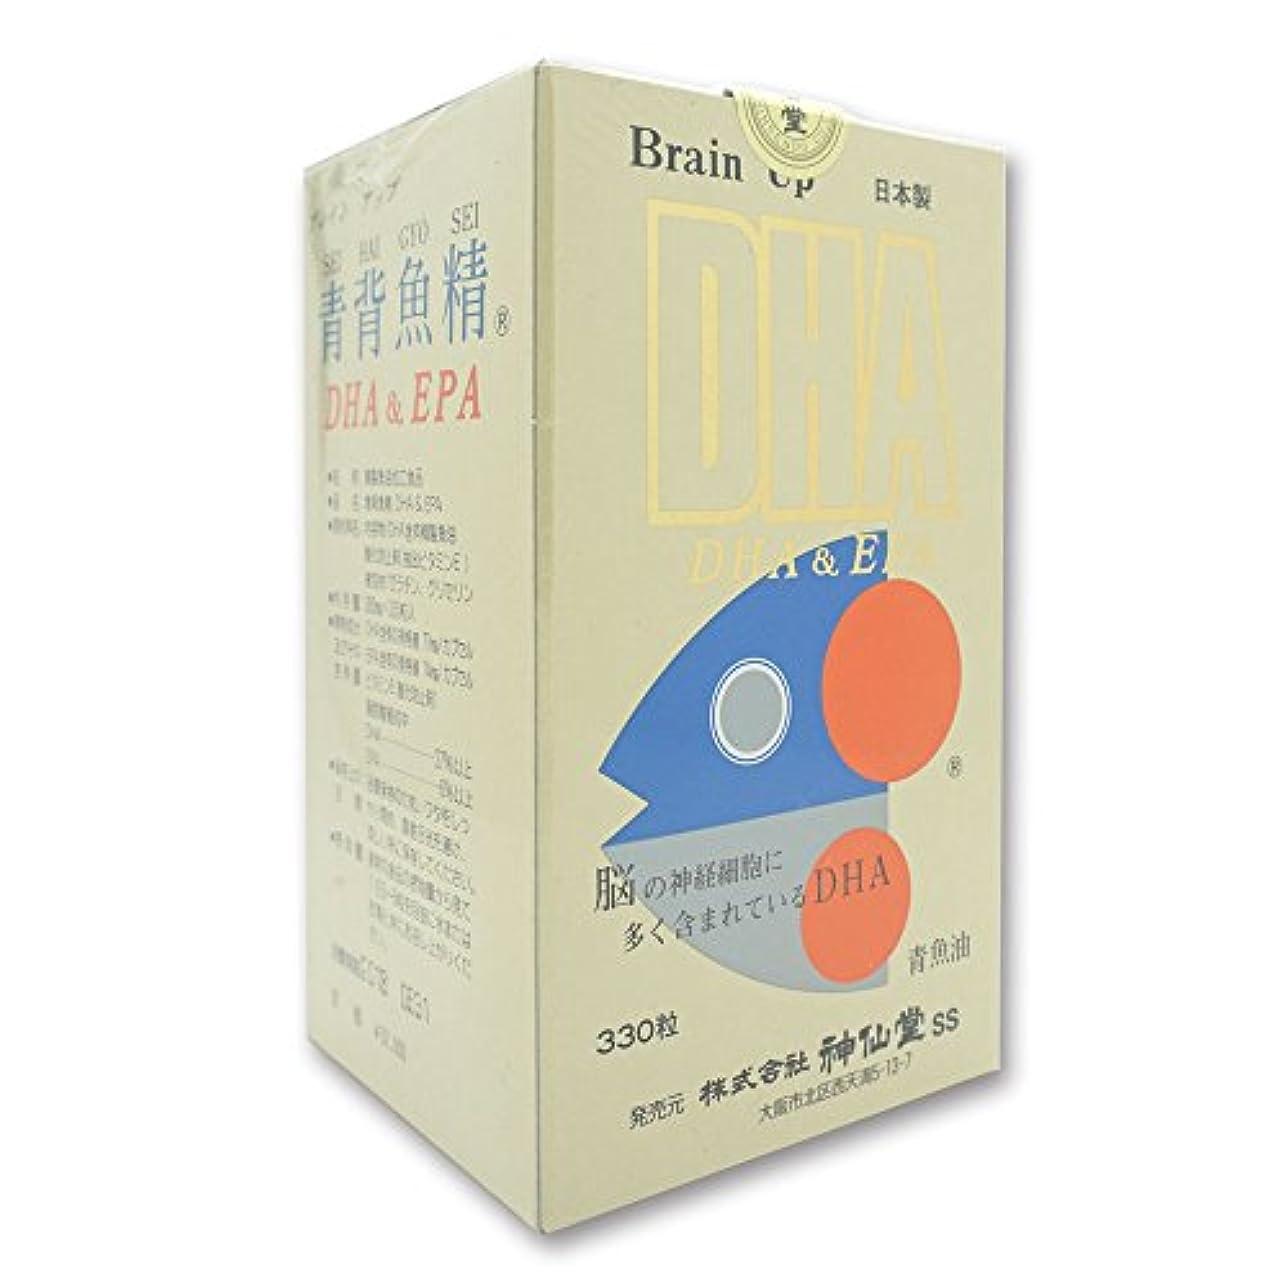 頻繁に防腐剤湖神仙堂 青背魚精 DHA&EPA 330粒 精製魚油加工食品